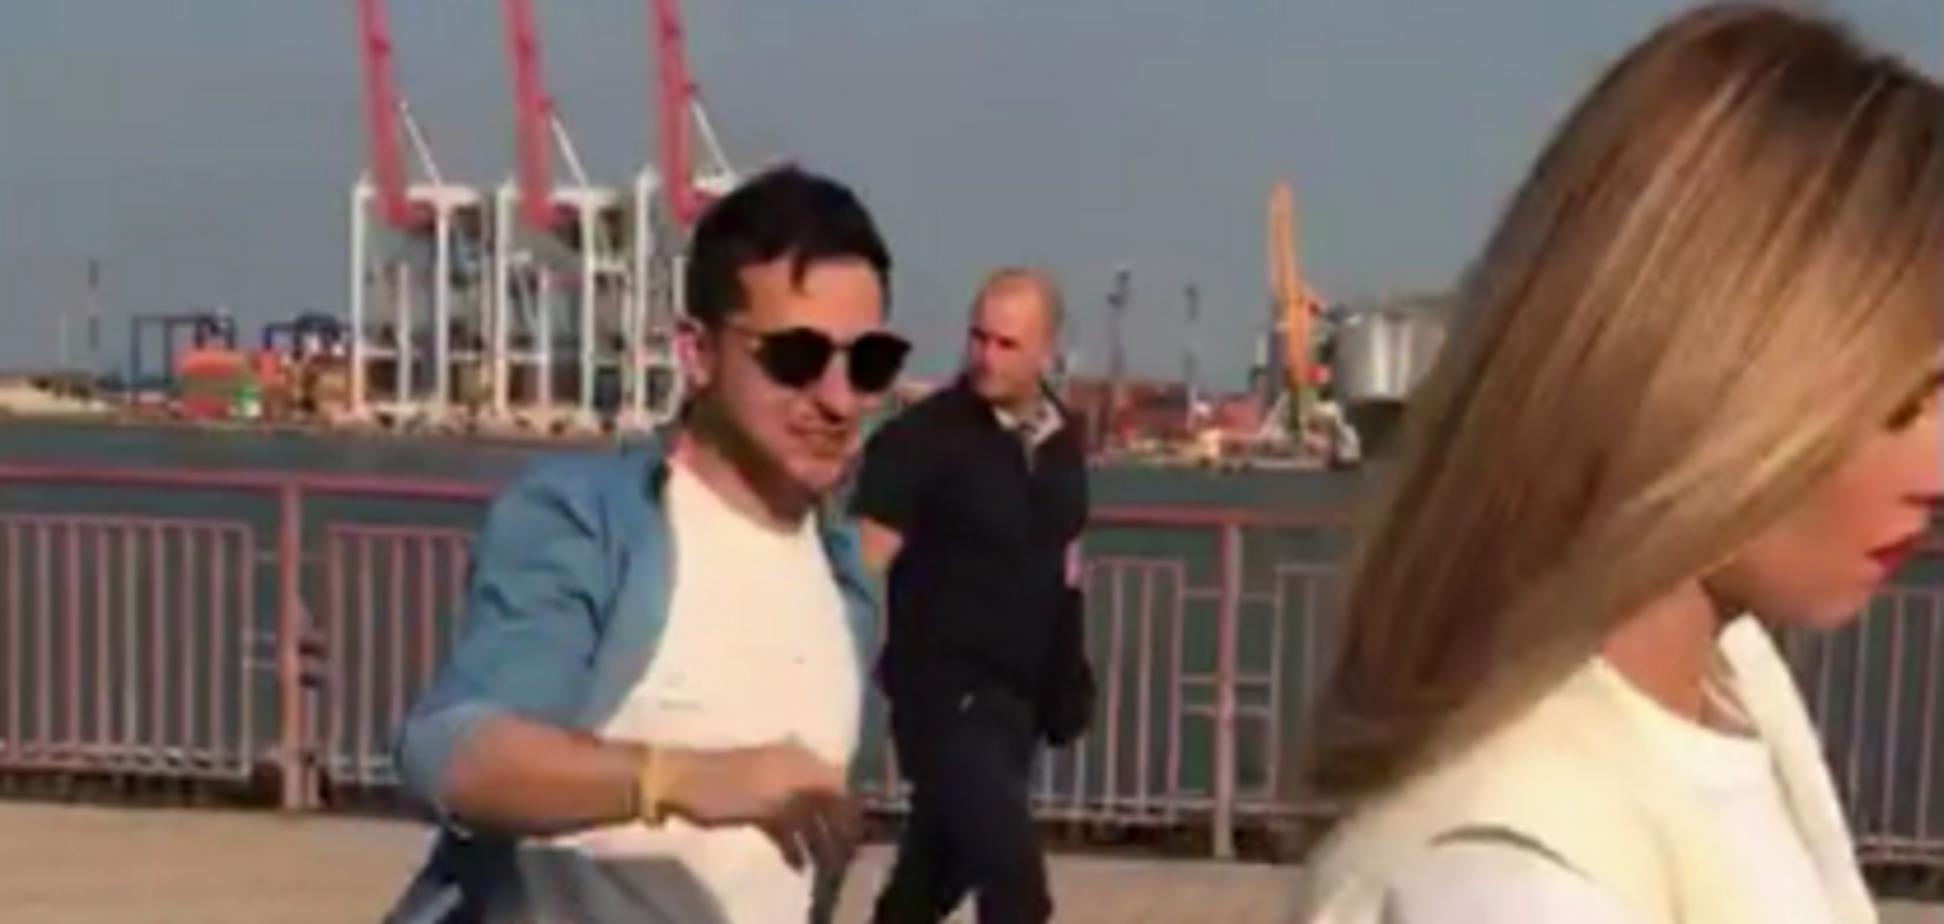 Зеленський приїхав в Одесу на 'Лігу сміху': в мережу потрапили відео та фото